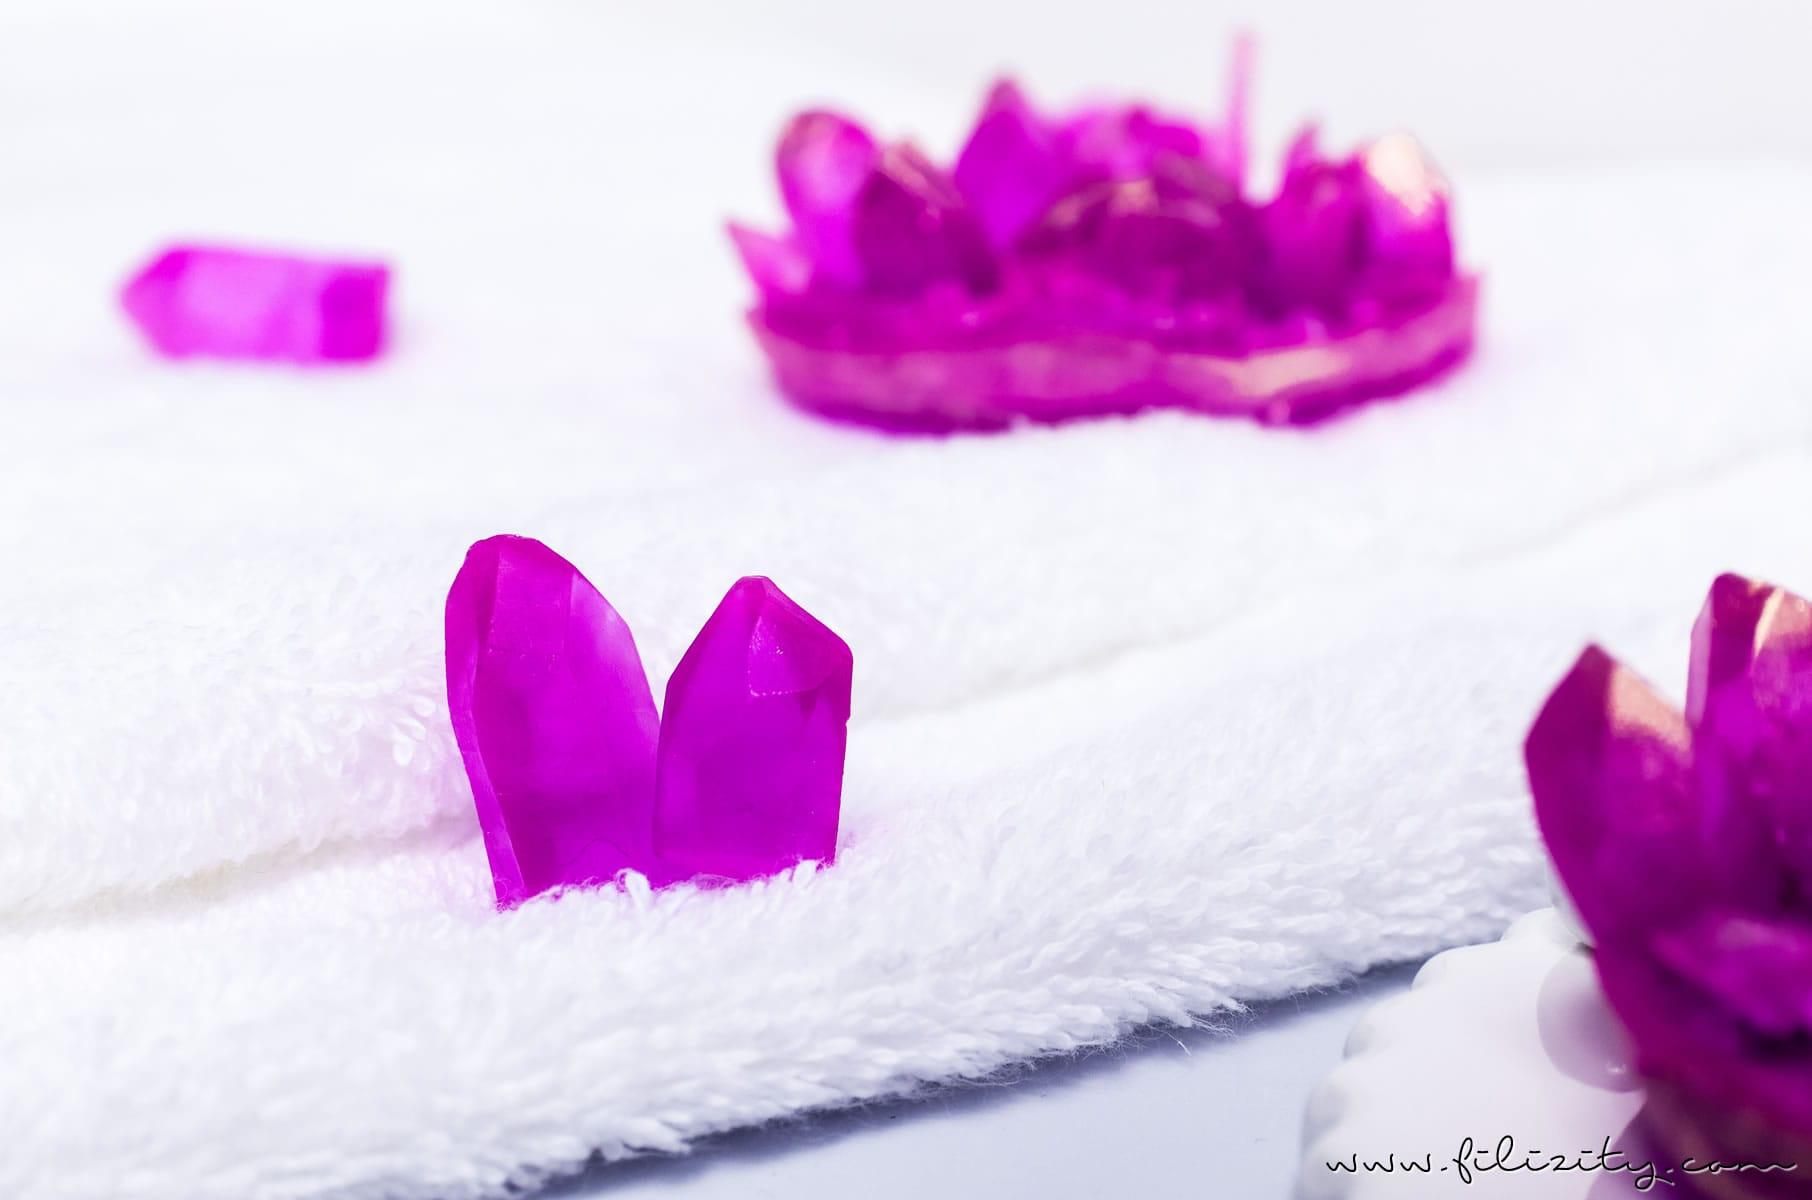 DIY Geschenkidee für Valentinstag oder Muttertag: Kristall-Seife selber machen   Filizity.com   Beauty & DIYBlog aus dem Rheinland #seife #valentinstag #muttertag #geschenkidee